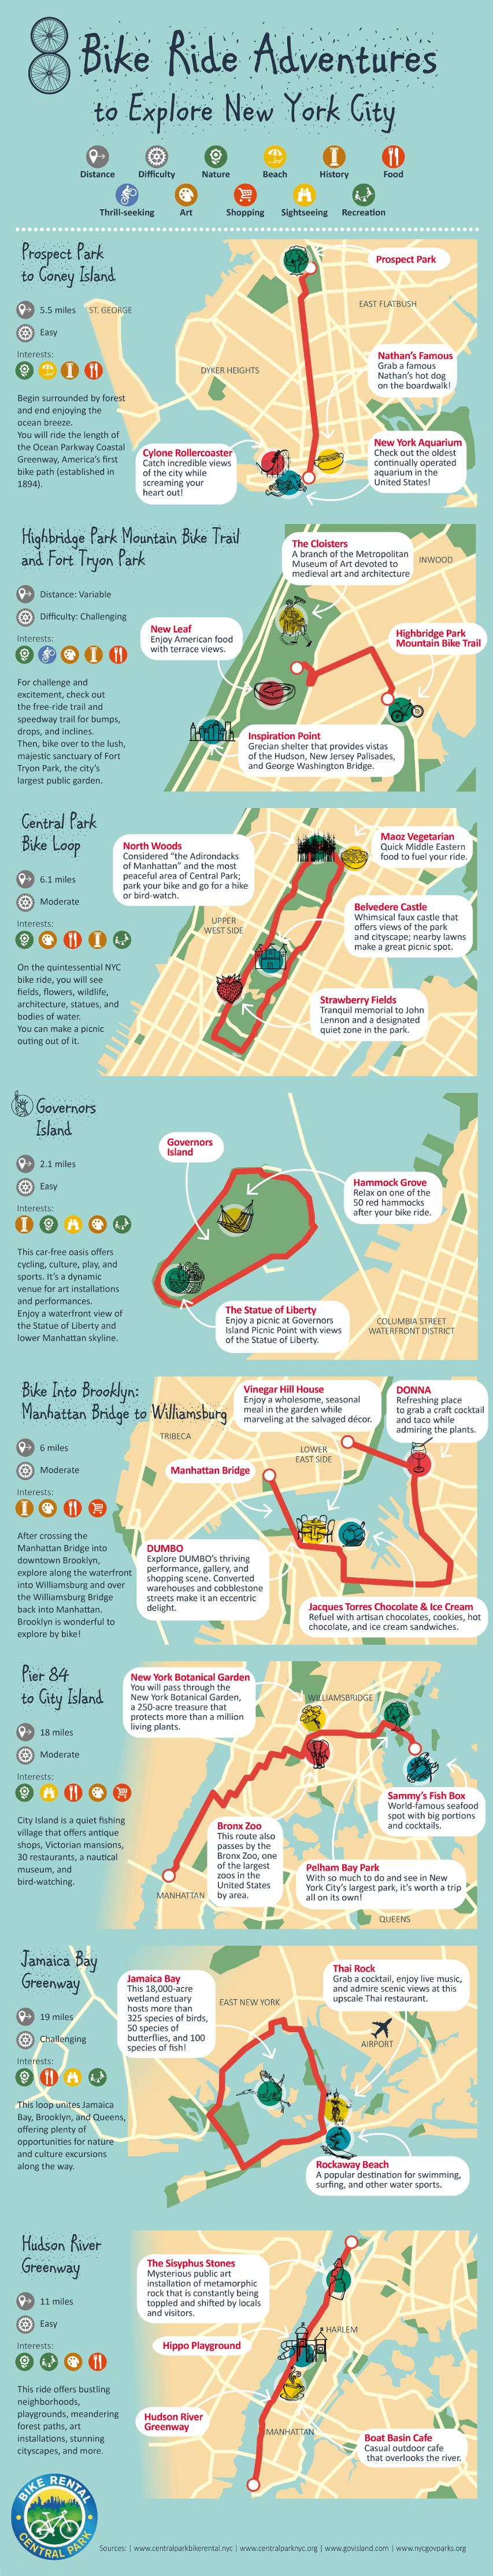 8 bike ride adventures explore nyc